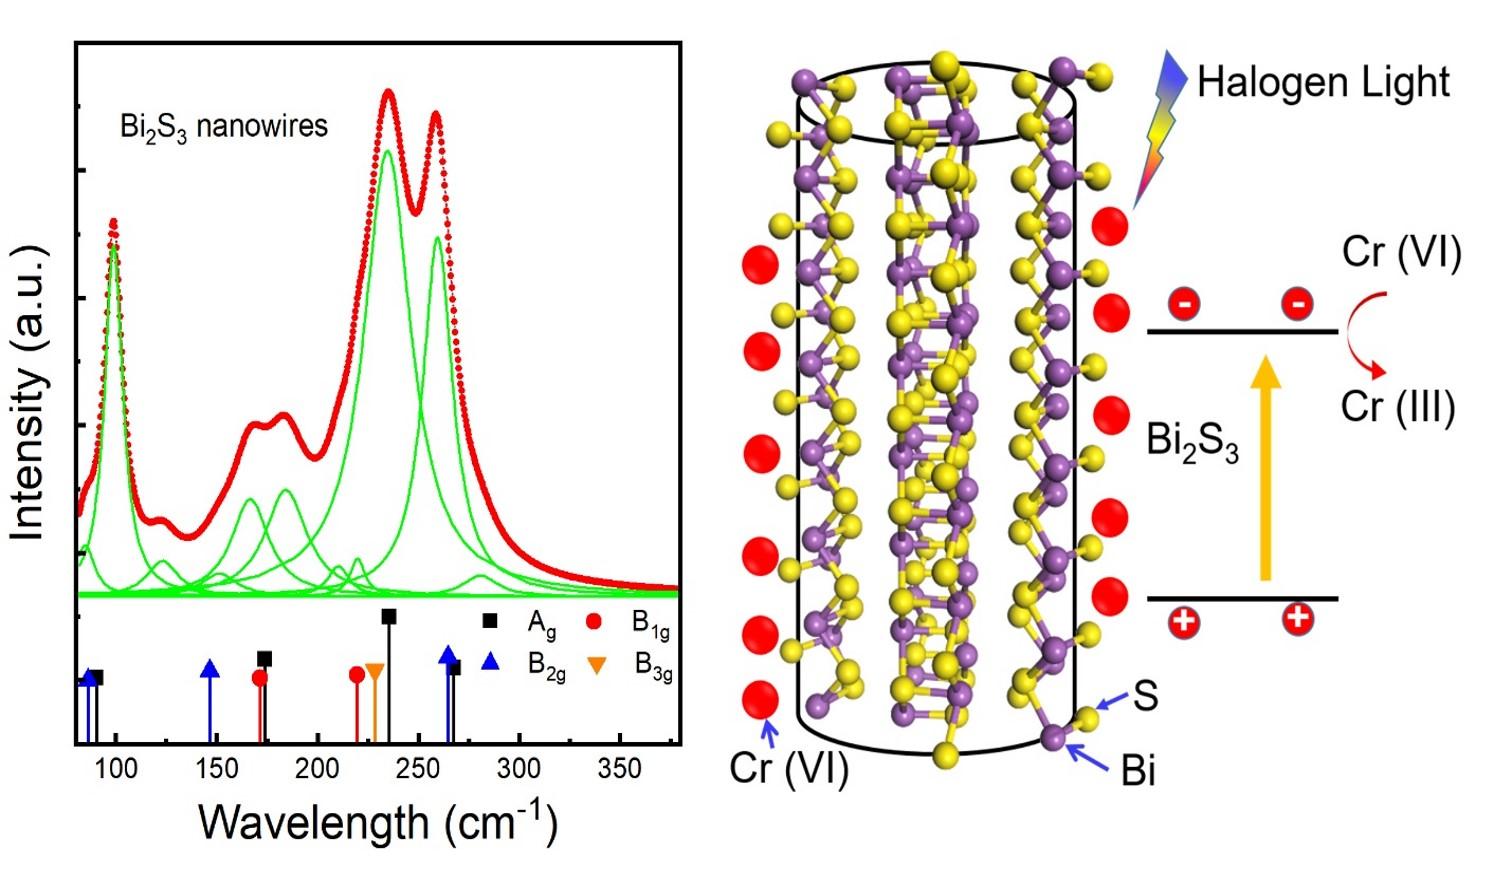 Nghiên cứu chế tạo Dây nano Bi2S3 ứng dụng quang xúc tác của chúng trong việc xử lý môi trường